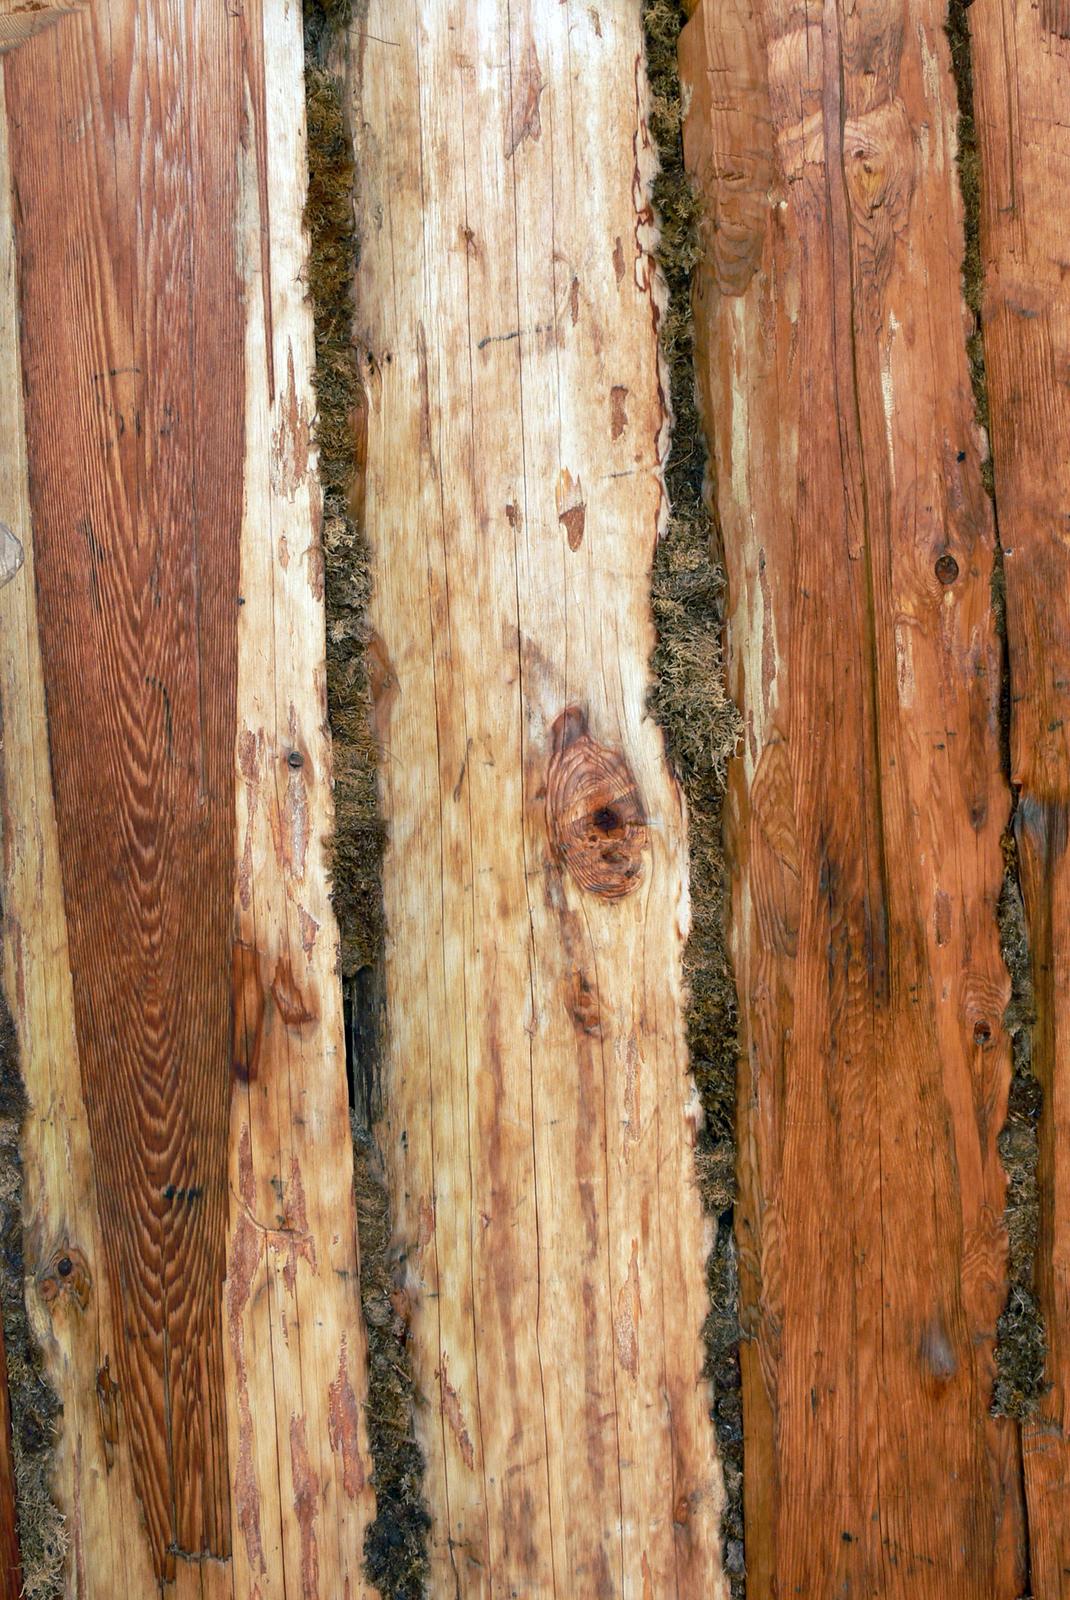 Zdjęcie drewnianych bali konstrukcji domu uszczelnionych mchem.